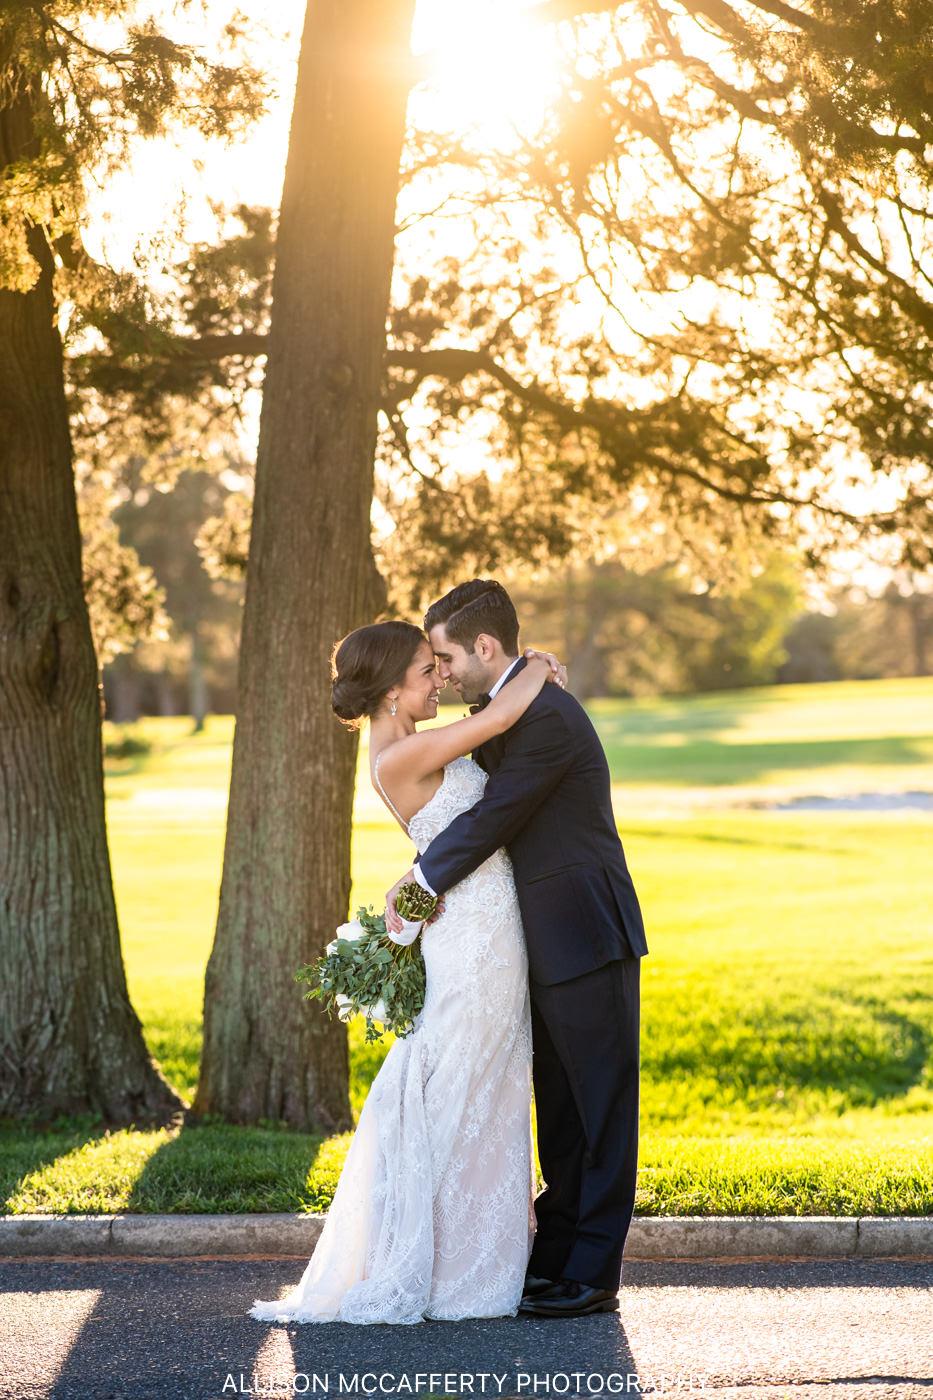 NJ Outdoor Wedding Venue Photos